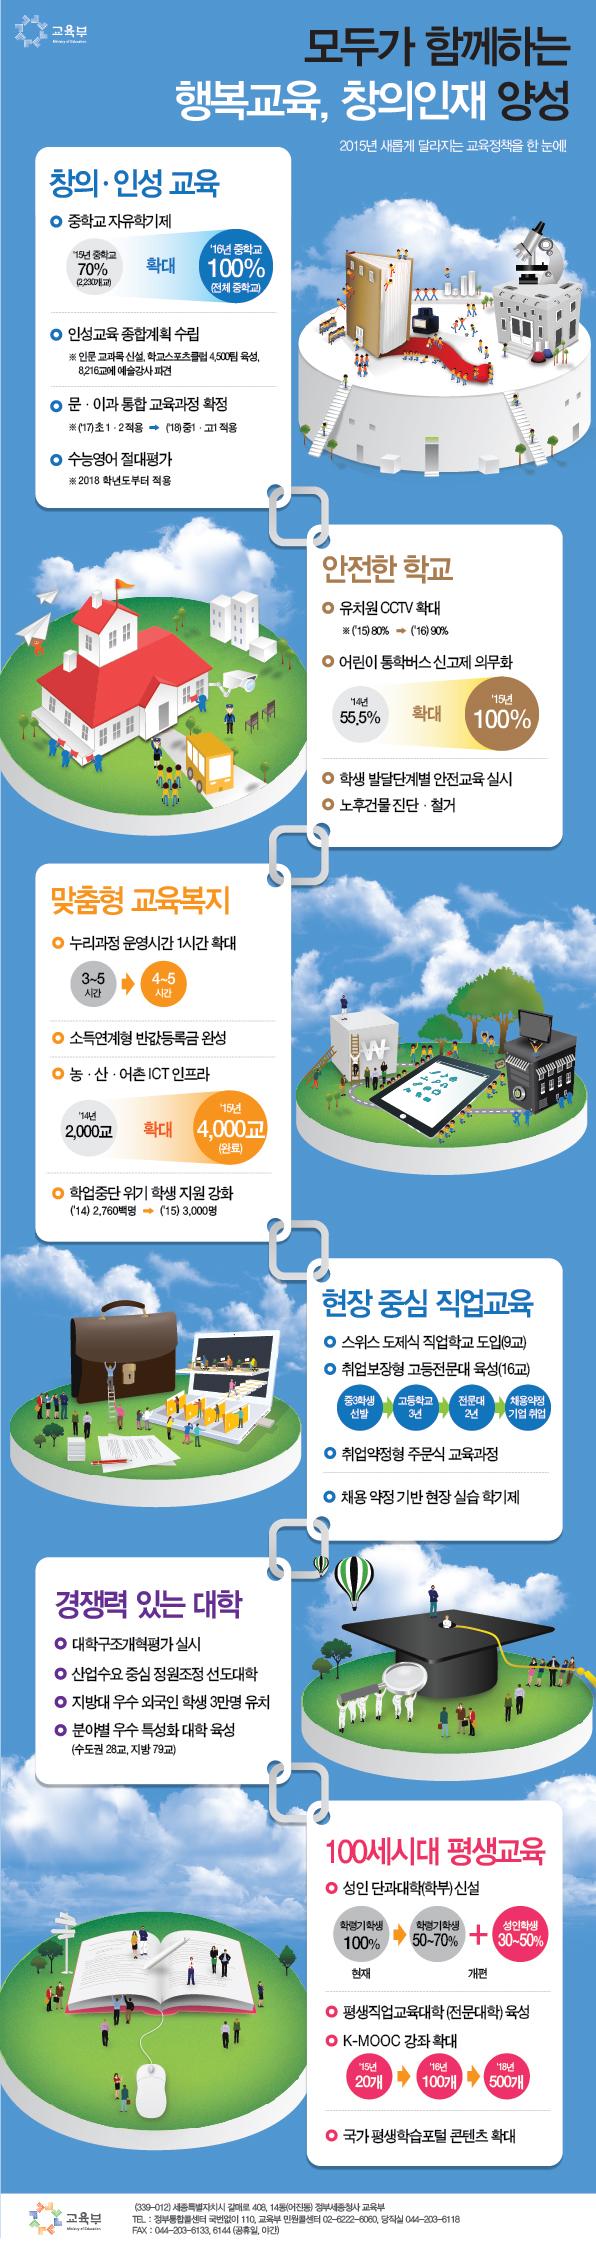 교육부_2015총괄인포그래픽-01